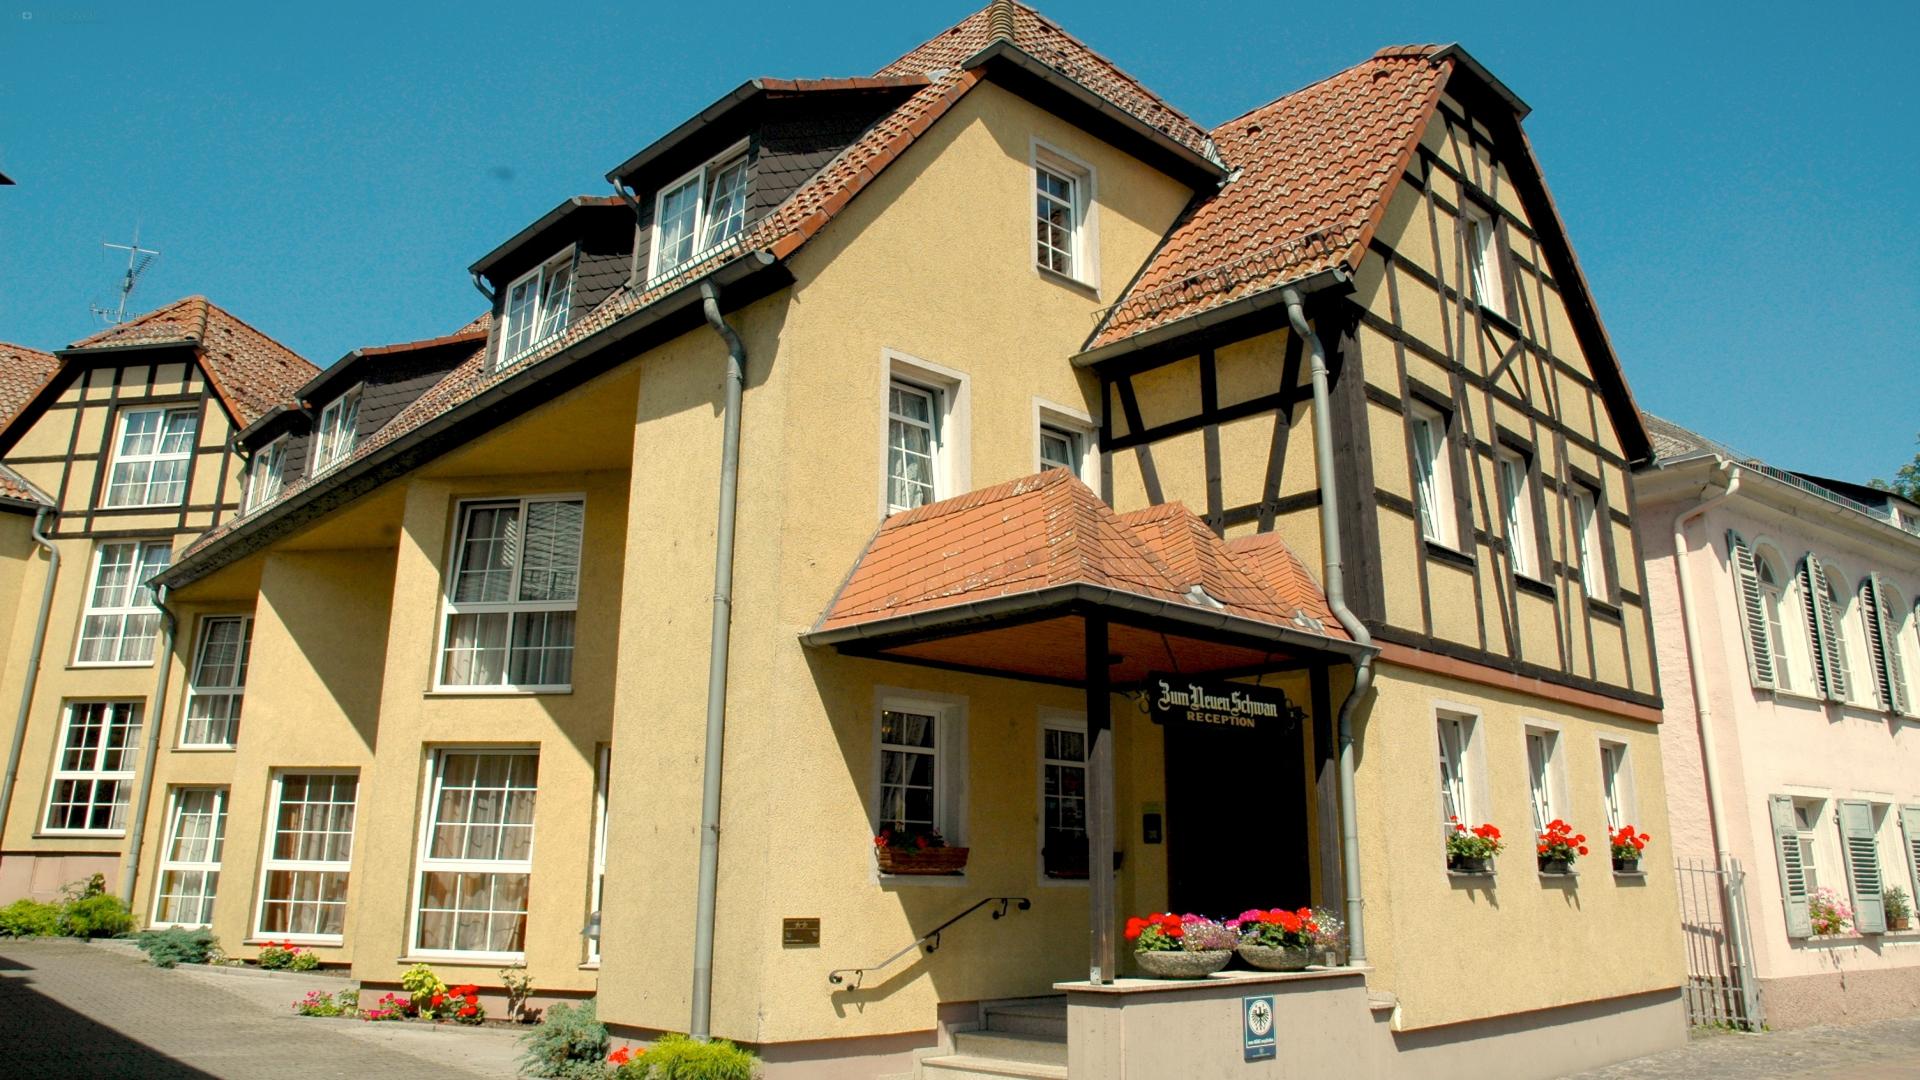 Hotel Zum Neuen Schwan 5